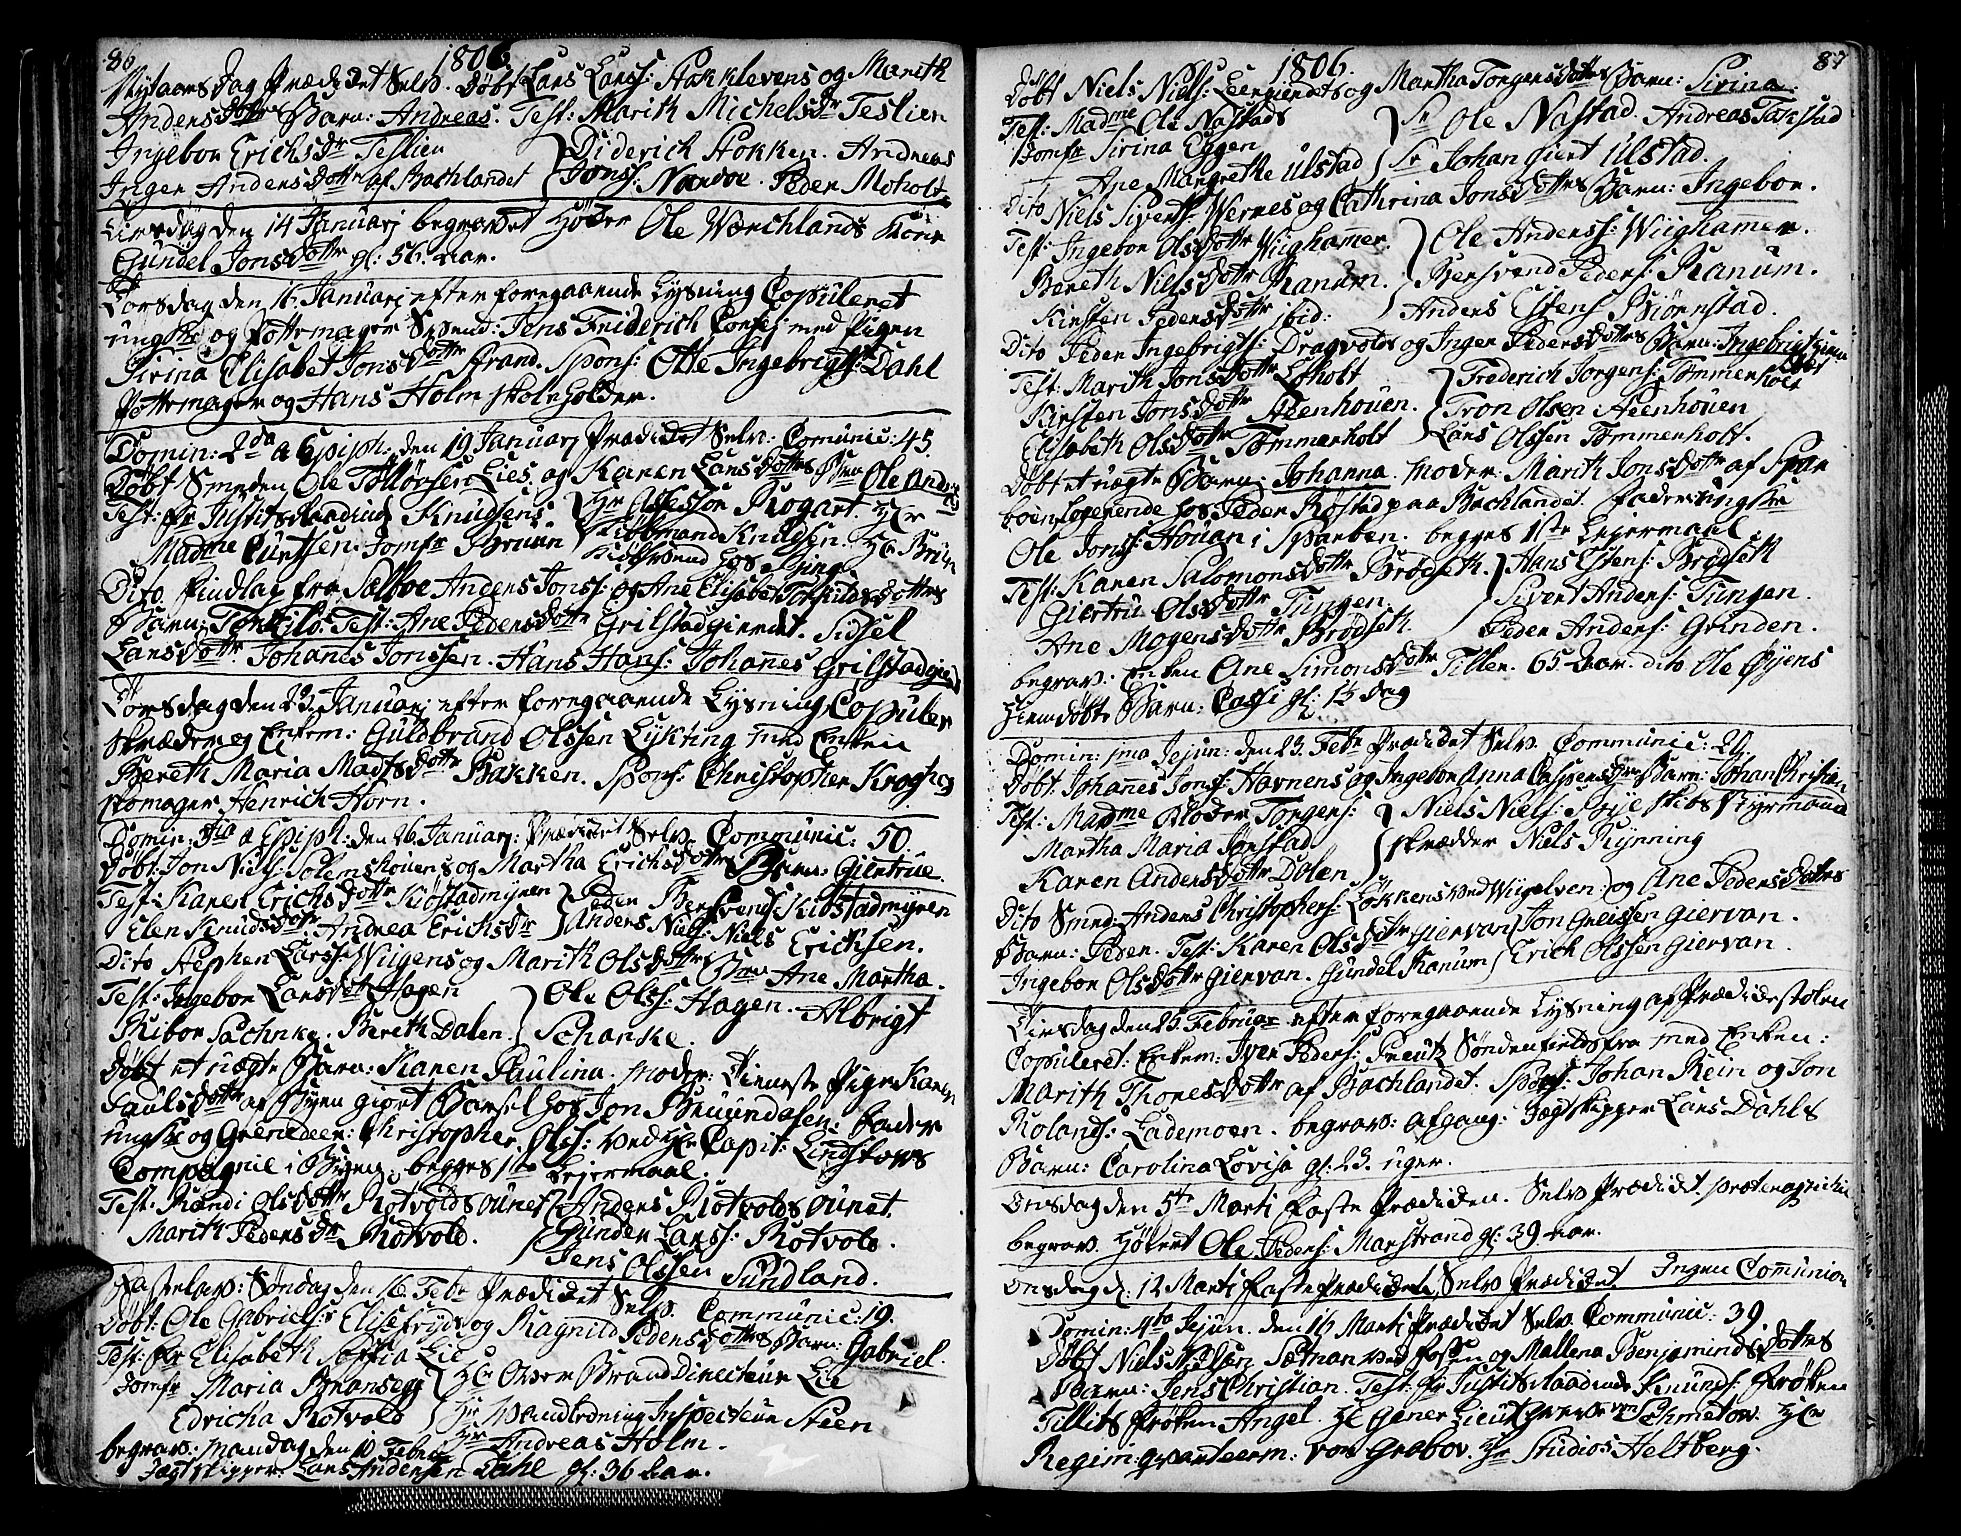 SAT, Ministerialprotokoller, klokkerbøker og fødselsregistre - Sør-Trøndelag, 604/L0181: Ministerialbok nr. 604A02, 1798-1817, s. 86-87